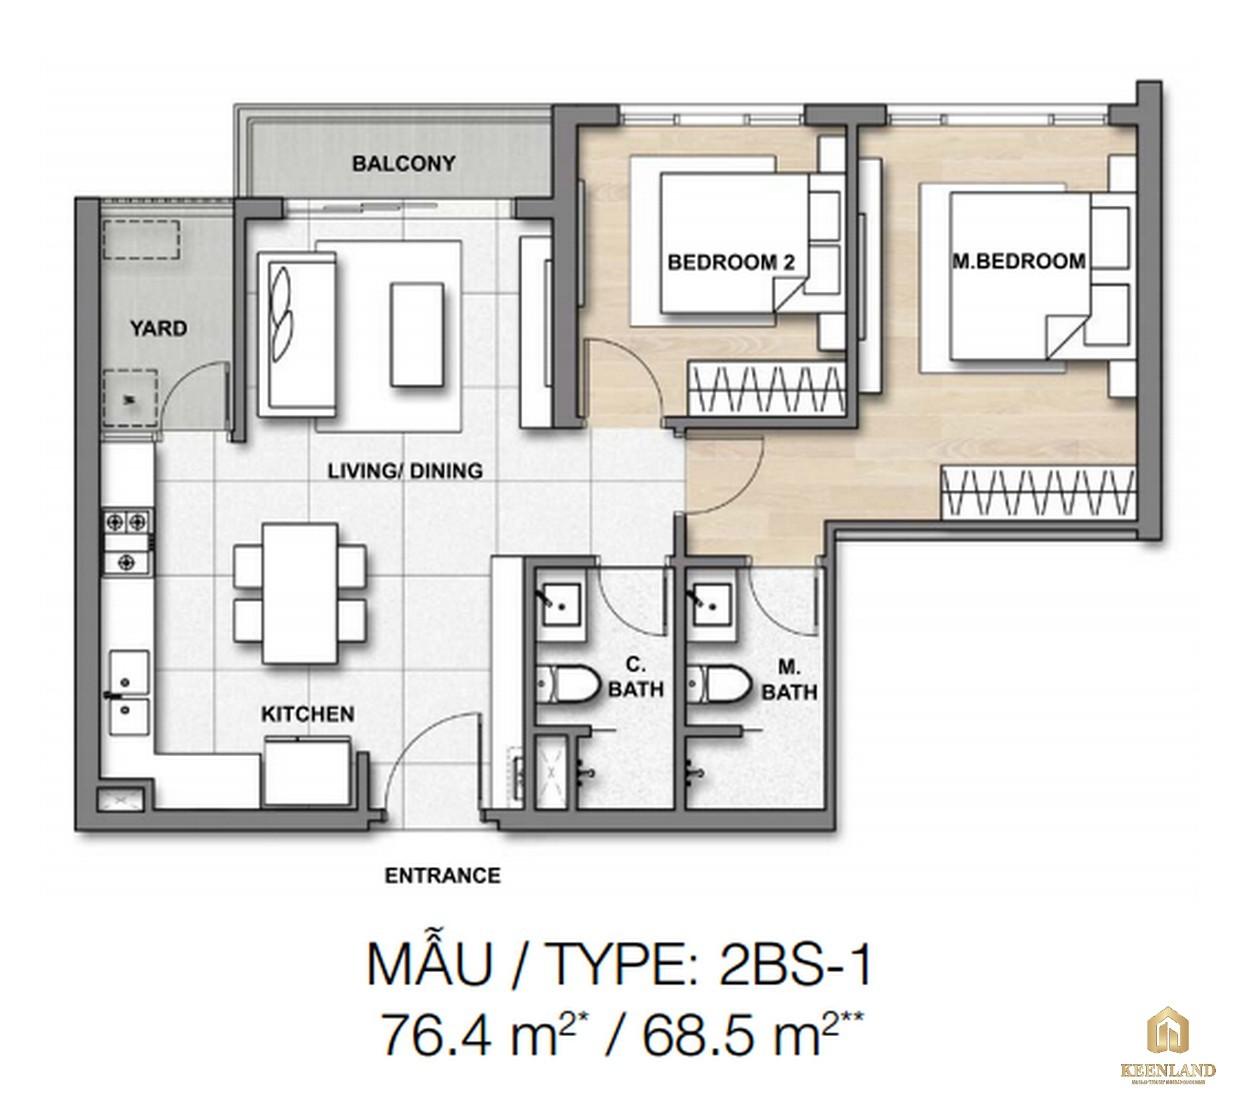 Thiết kế chi tiết căn hộ 2BS-1 dự án căn hộ chung cư Palm Heights Quận 2